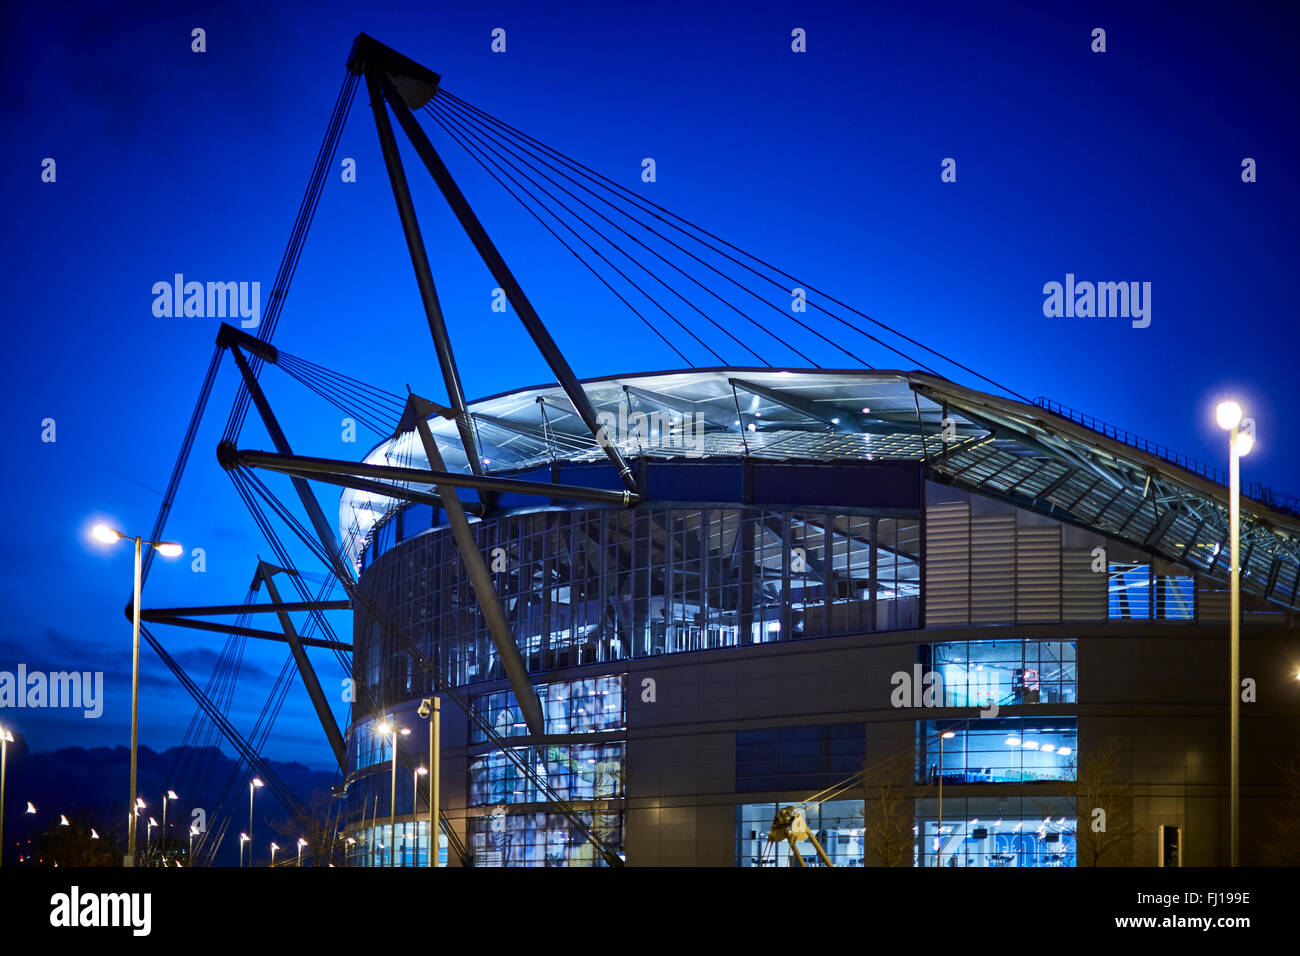 Il City of Manchester Stadium di Manchester, Inghilterra, noto anche come Etihad Stadium per motivi di sponsorizzazione, Immagini Stock